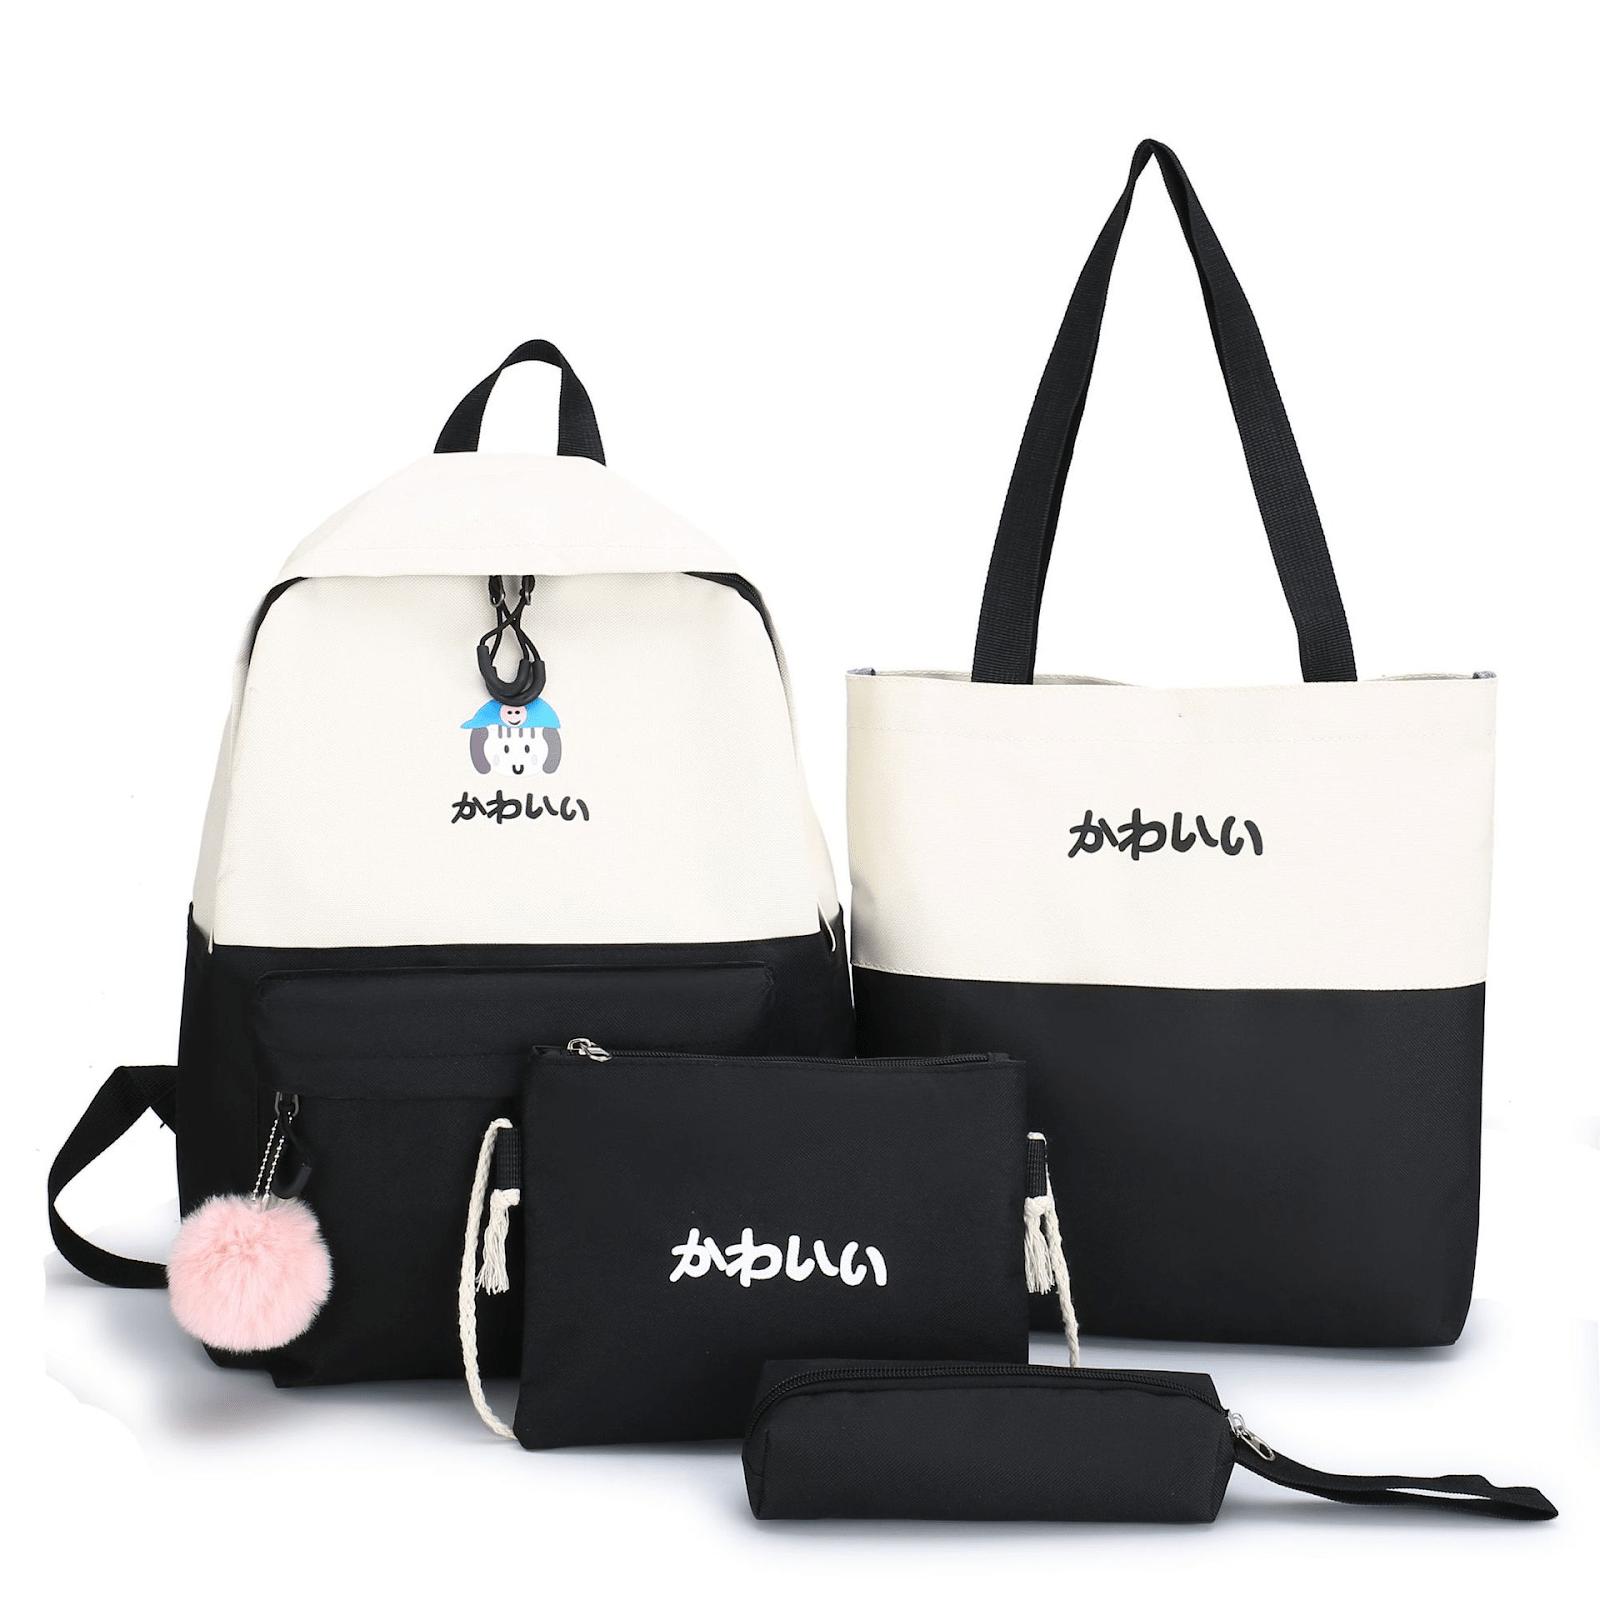 Túi xách cũng là món quà dễ thương đây, không cần đắt tiền đâu